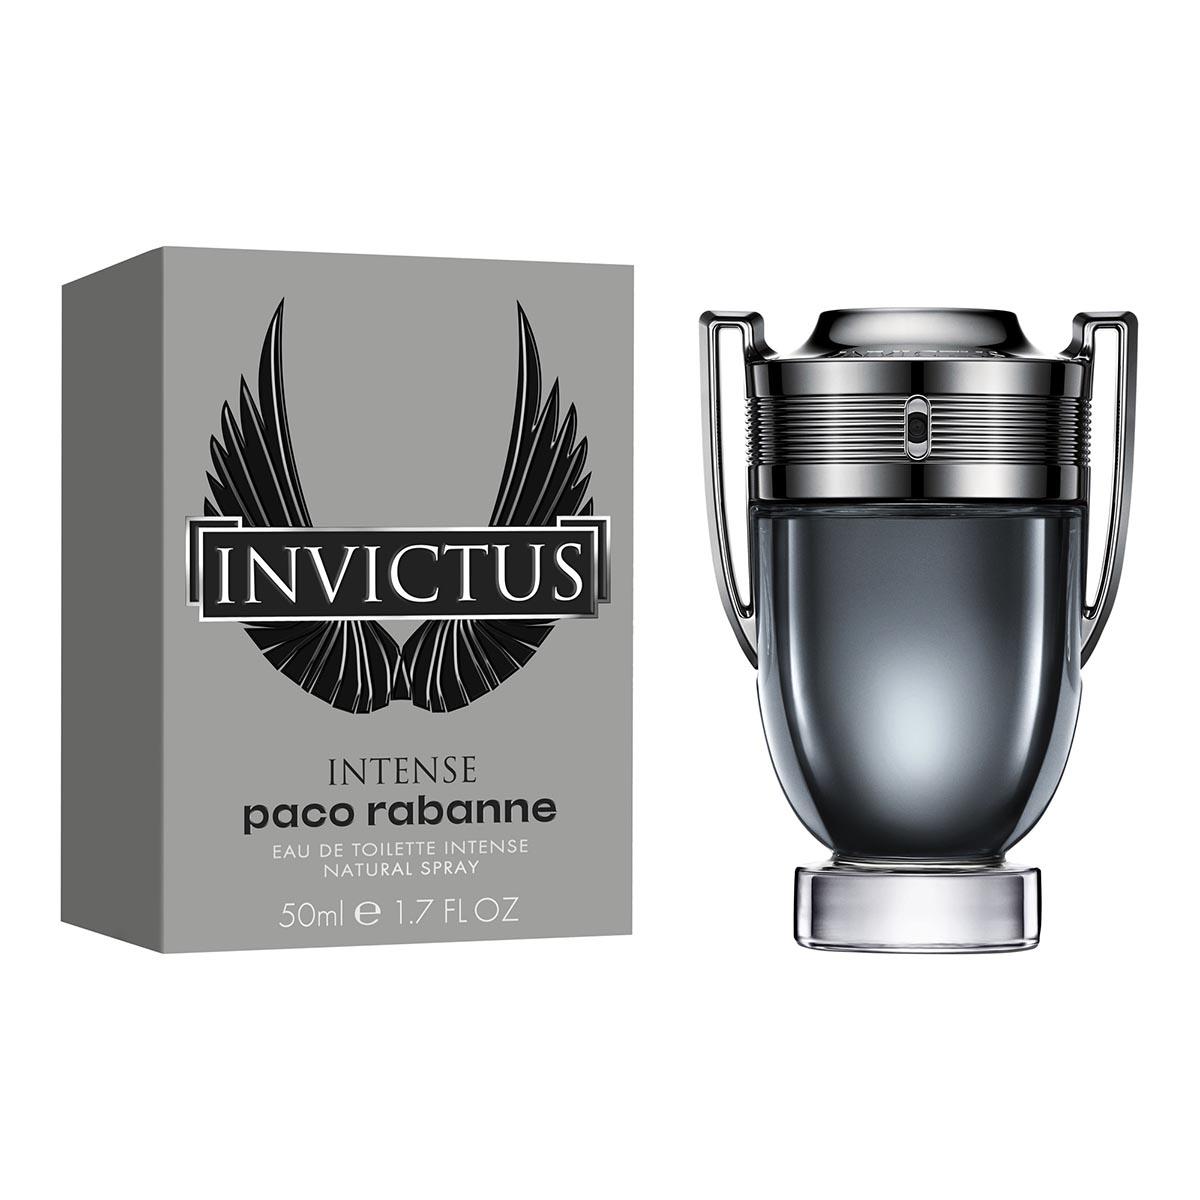 Paco rabanne invictus intense eau de toilette 50ml vaporizador